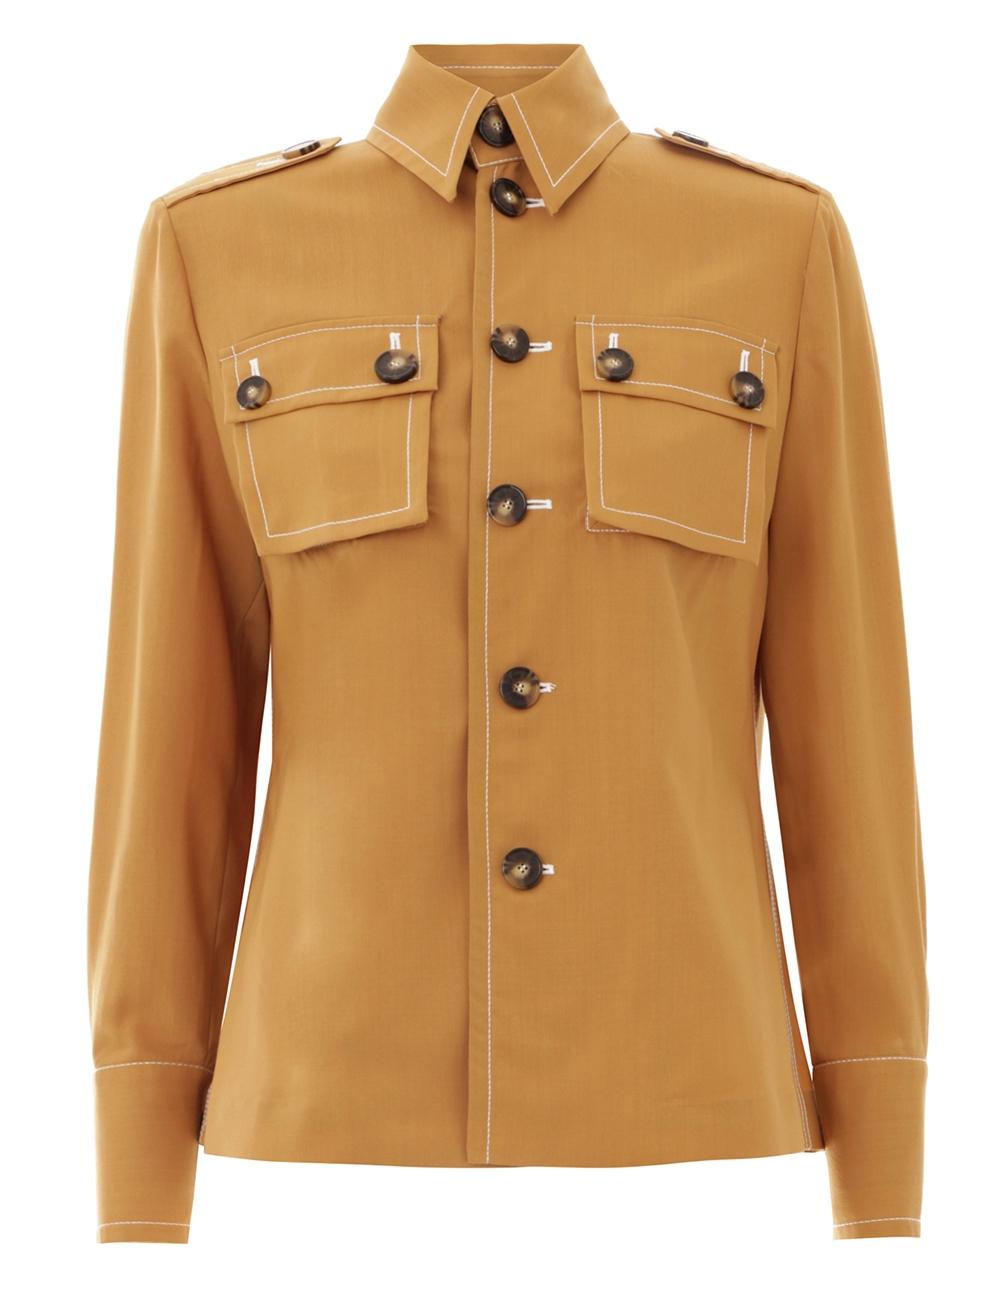 41b4337a267 Shop Women's Designer Tops Online | ZIMMERMANN